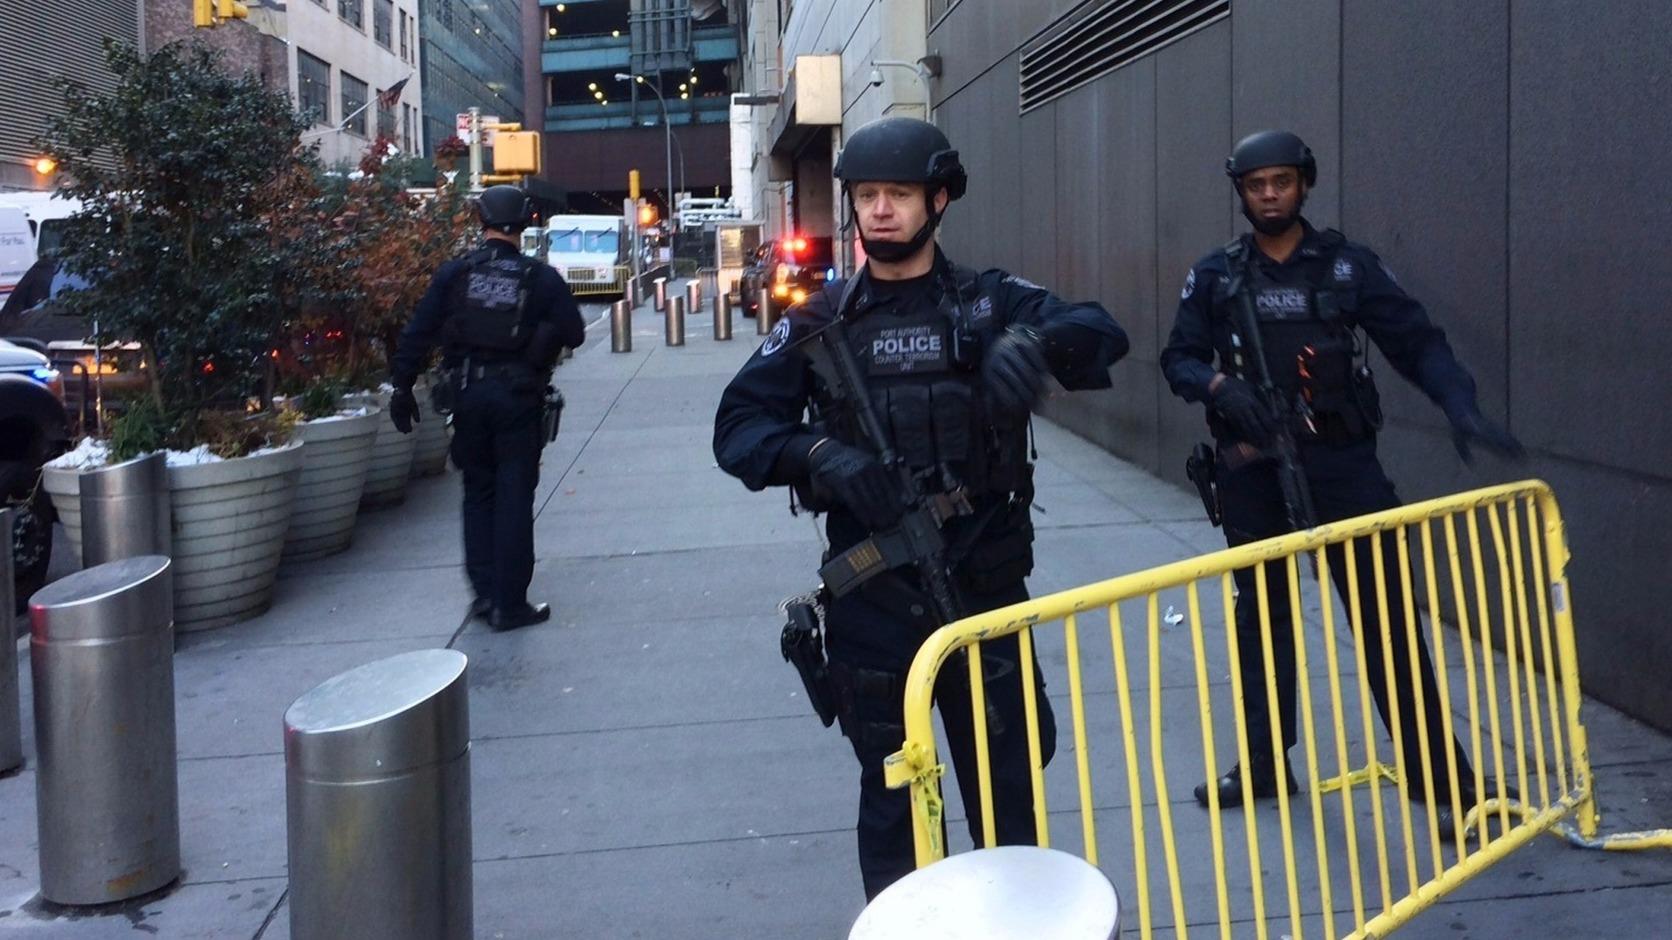 New York, 2017. december 11. Rendőrök a New York Manhattan városrészében történt ismeretlen eredetű robbanás helyszínén 2017. december 11-én. A detonáció következtében három metróvonalat kiürítettek. A rendőrség megerősítette, hogy elfogtak egy gyanúsítottat. (MTI/AP/Mark Lennihan)